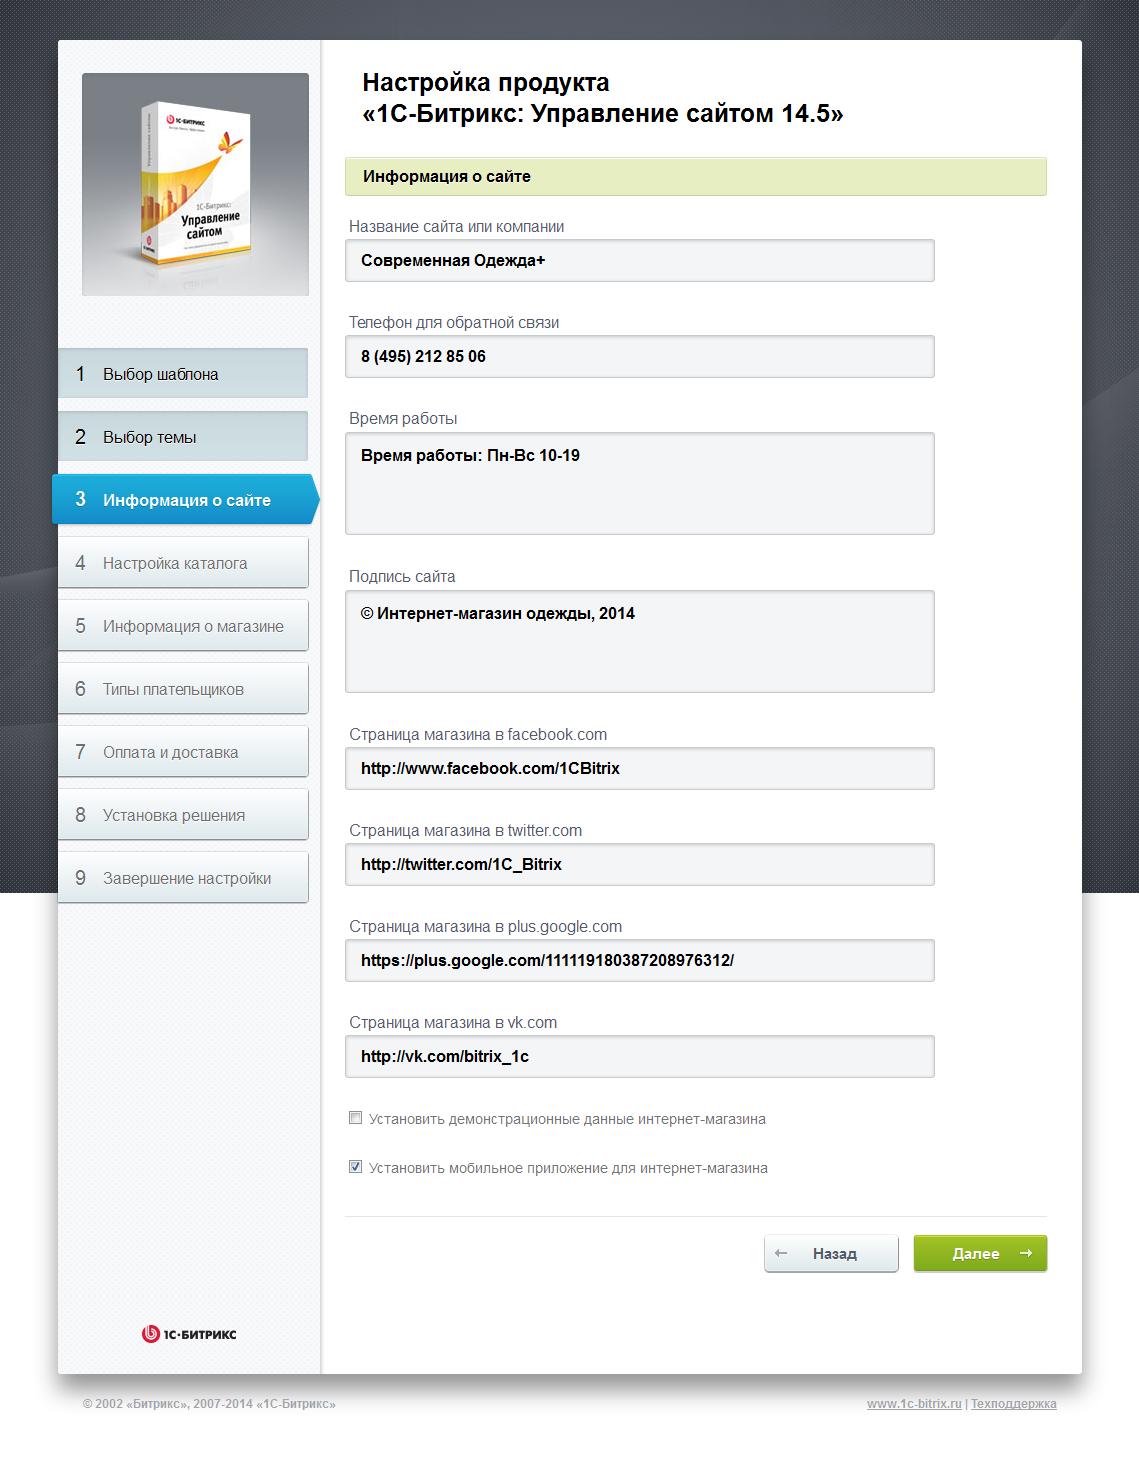 Как изменить шапку сайта в битриксе имя файла папки не должно содержать битрикс